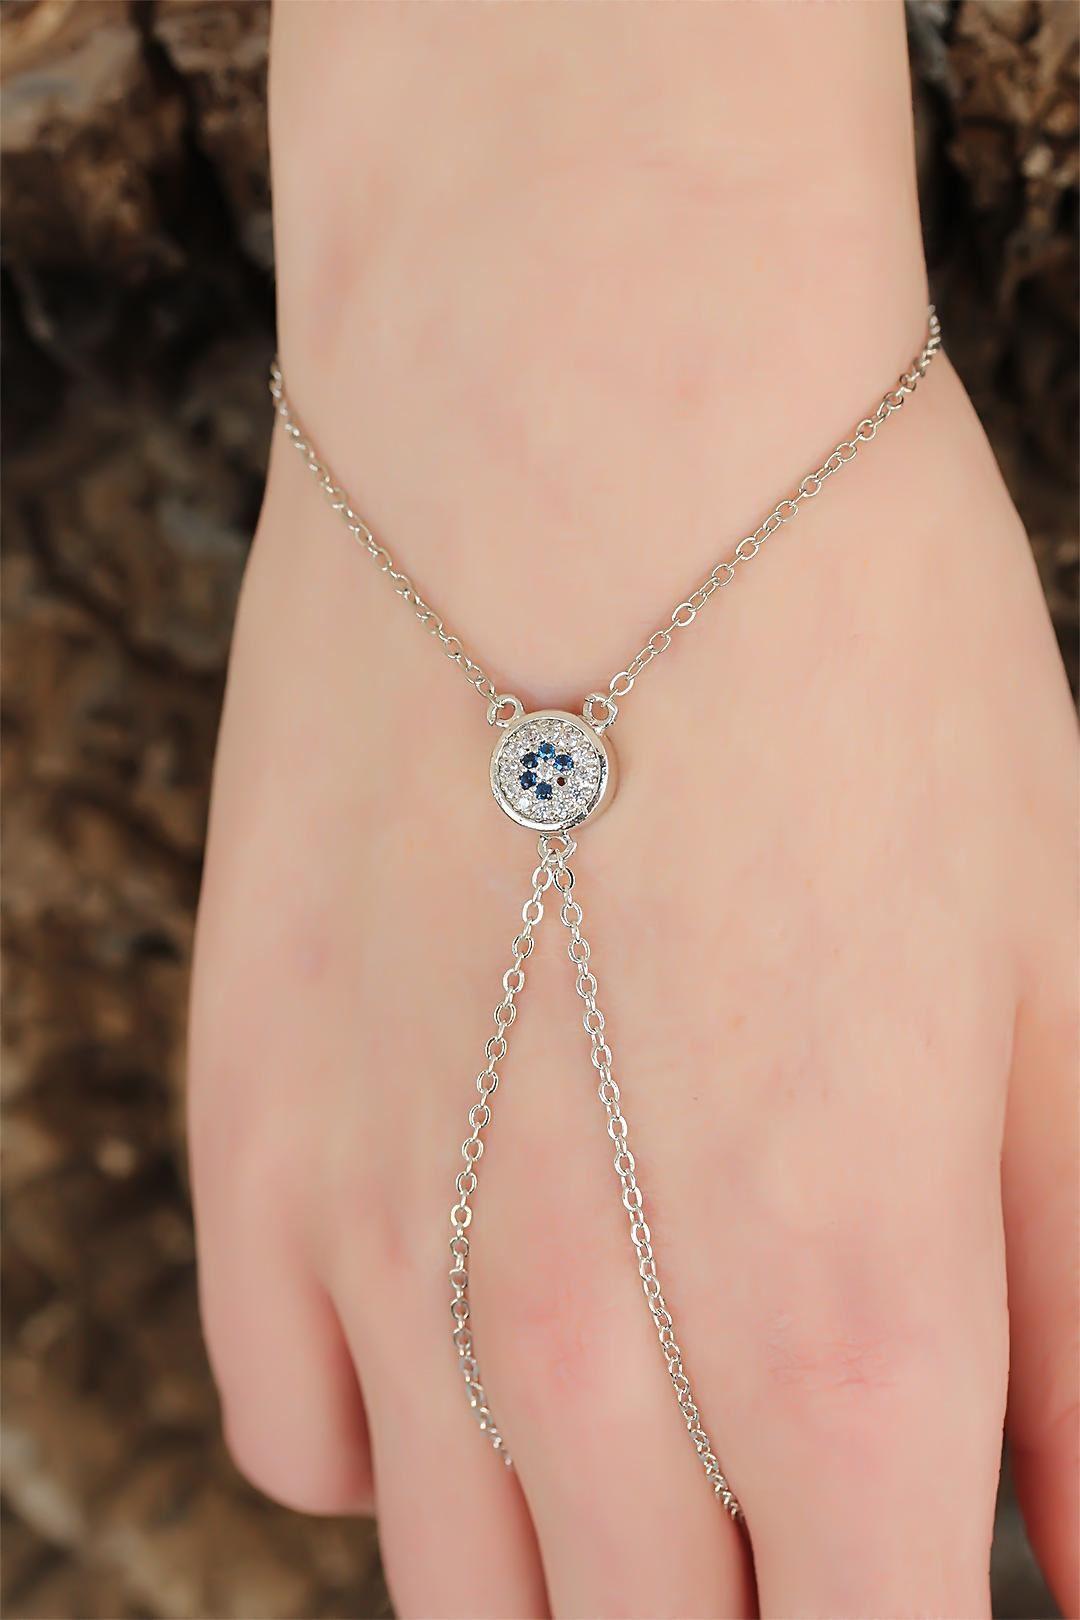 Silver Renk Zirkon Taşlı Mavi Çiçekli Şahmeran Bileklik